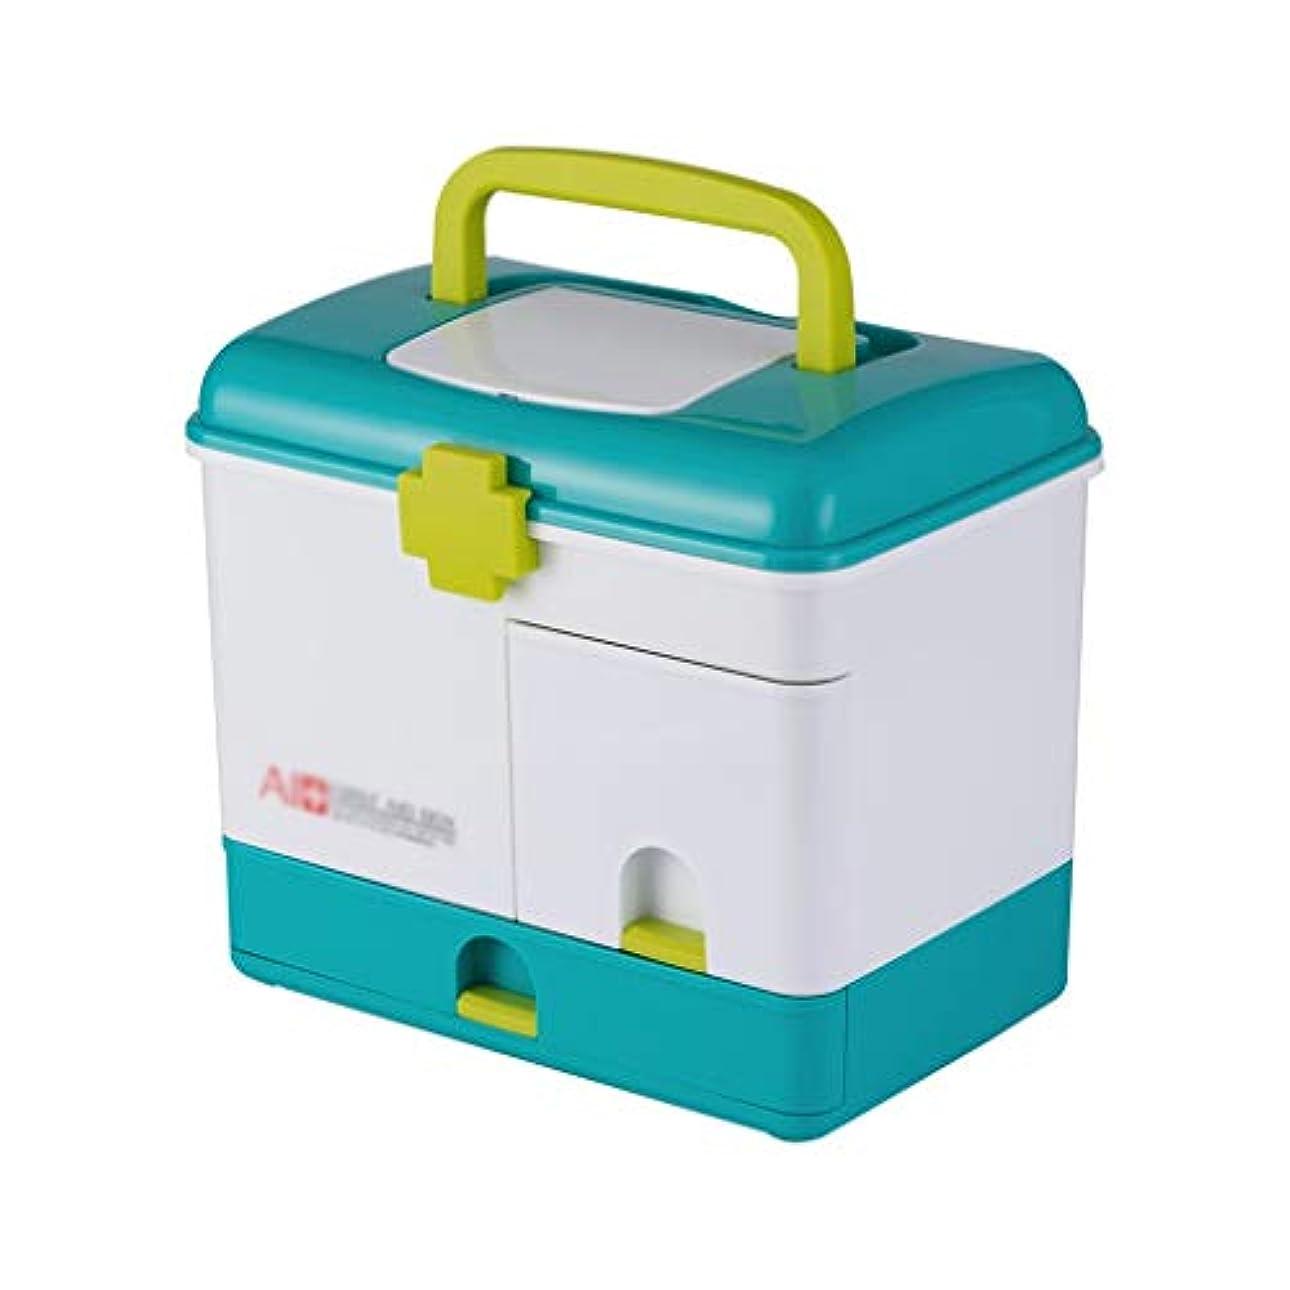 過言ケイ素祈り薬箱家庭用大薬箱多層車両大容量薬収納ボックスロックブルー SYFO